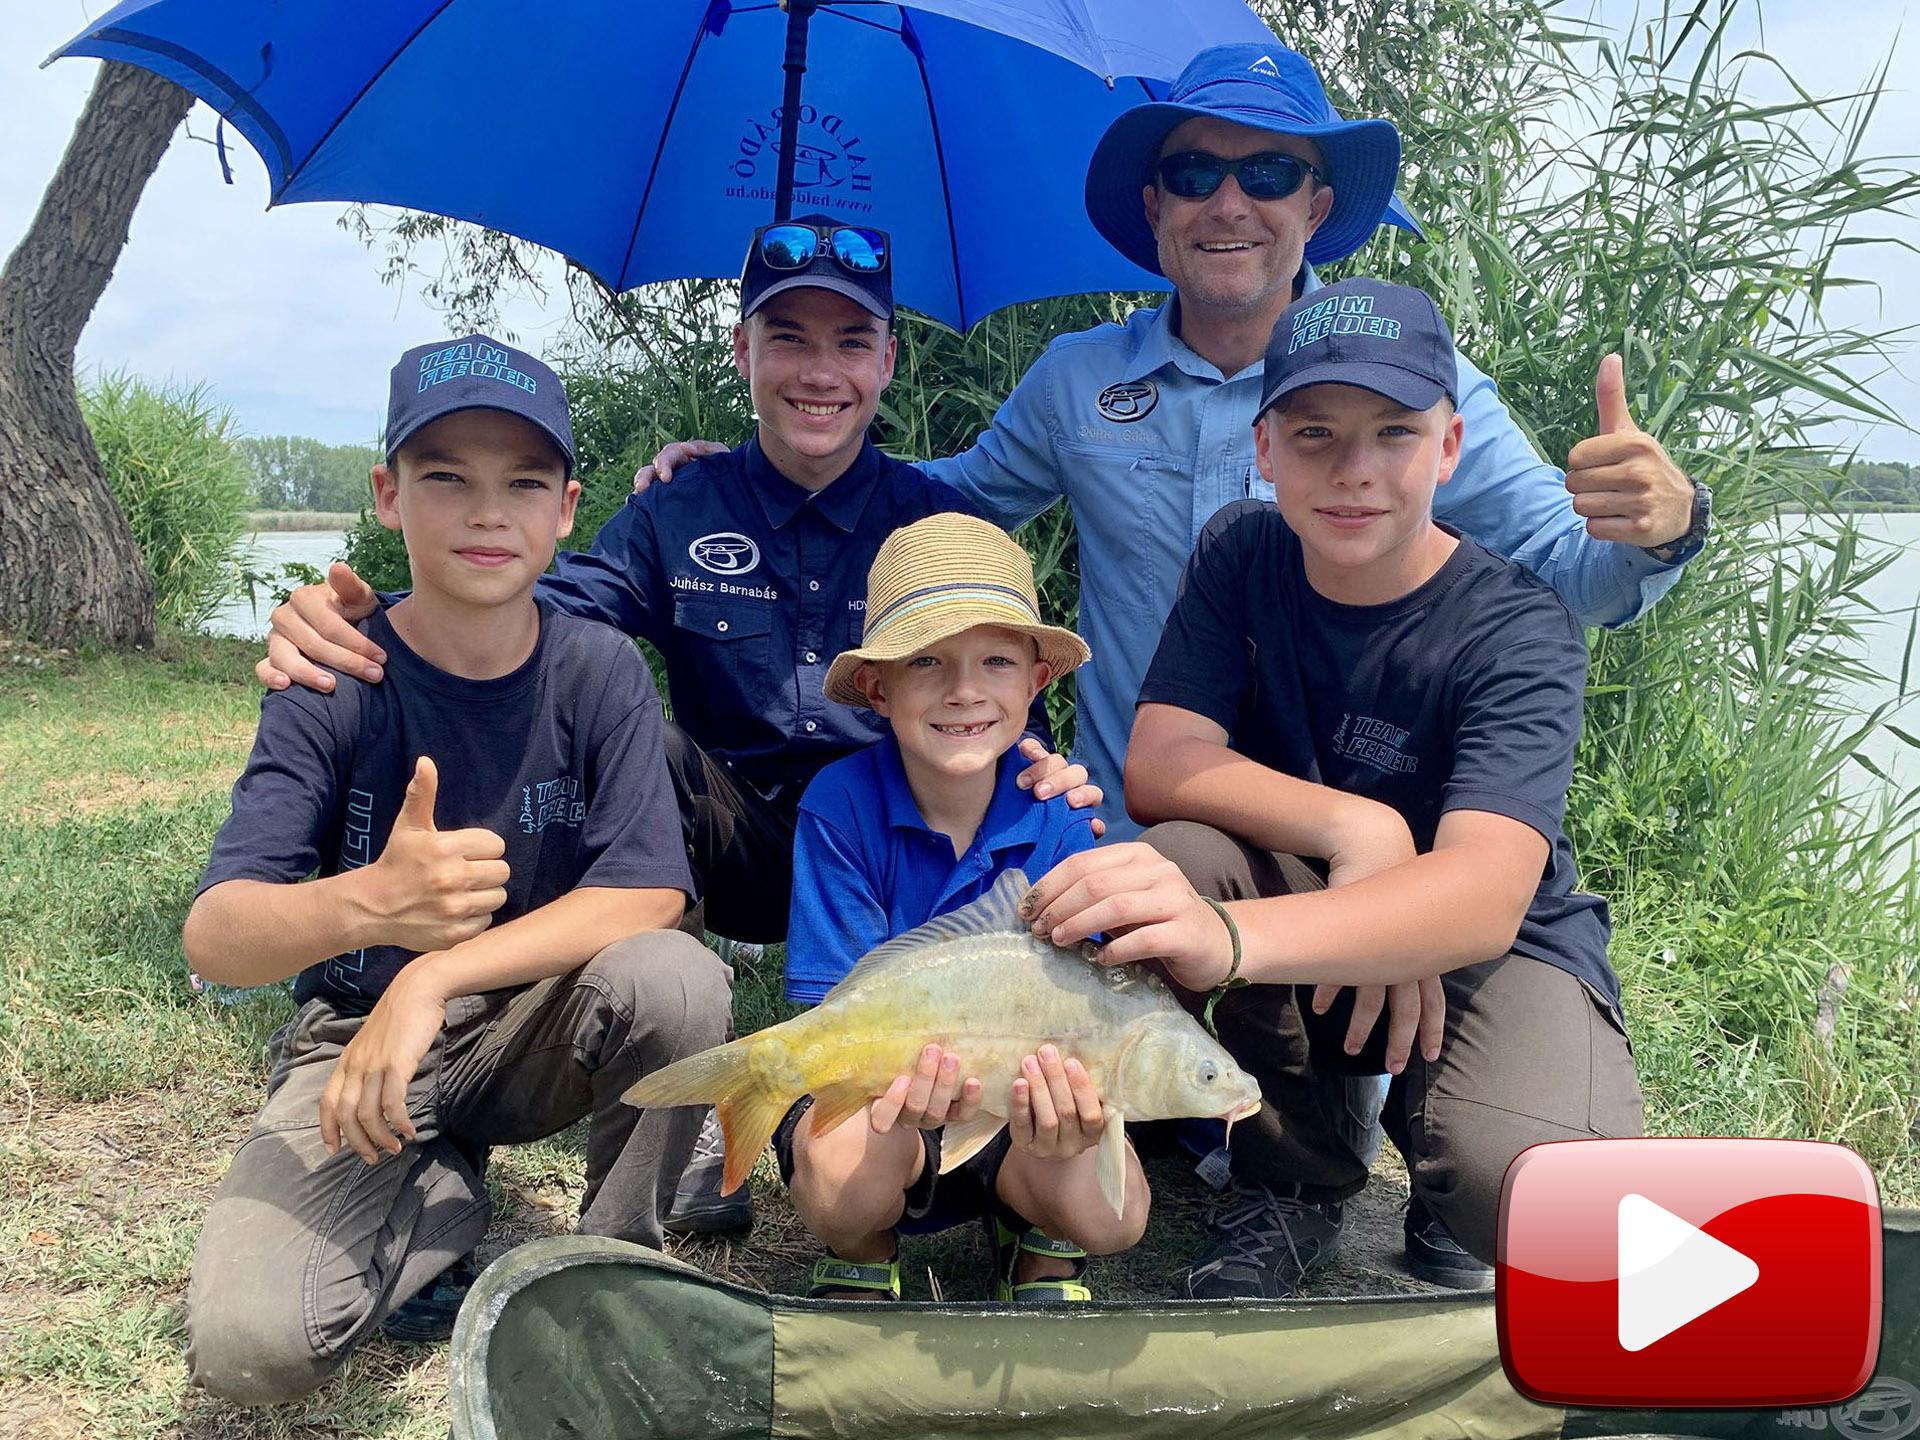 Hogyan csináljunk kedvet gyermekeinknek a horgászathoz?